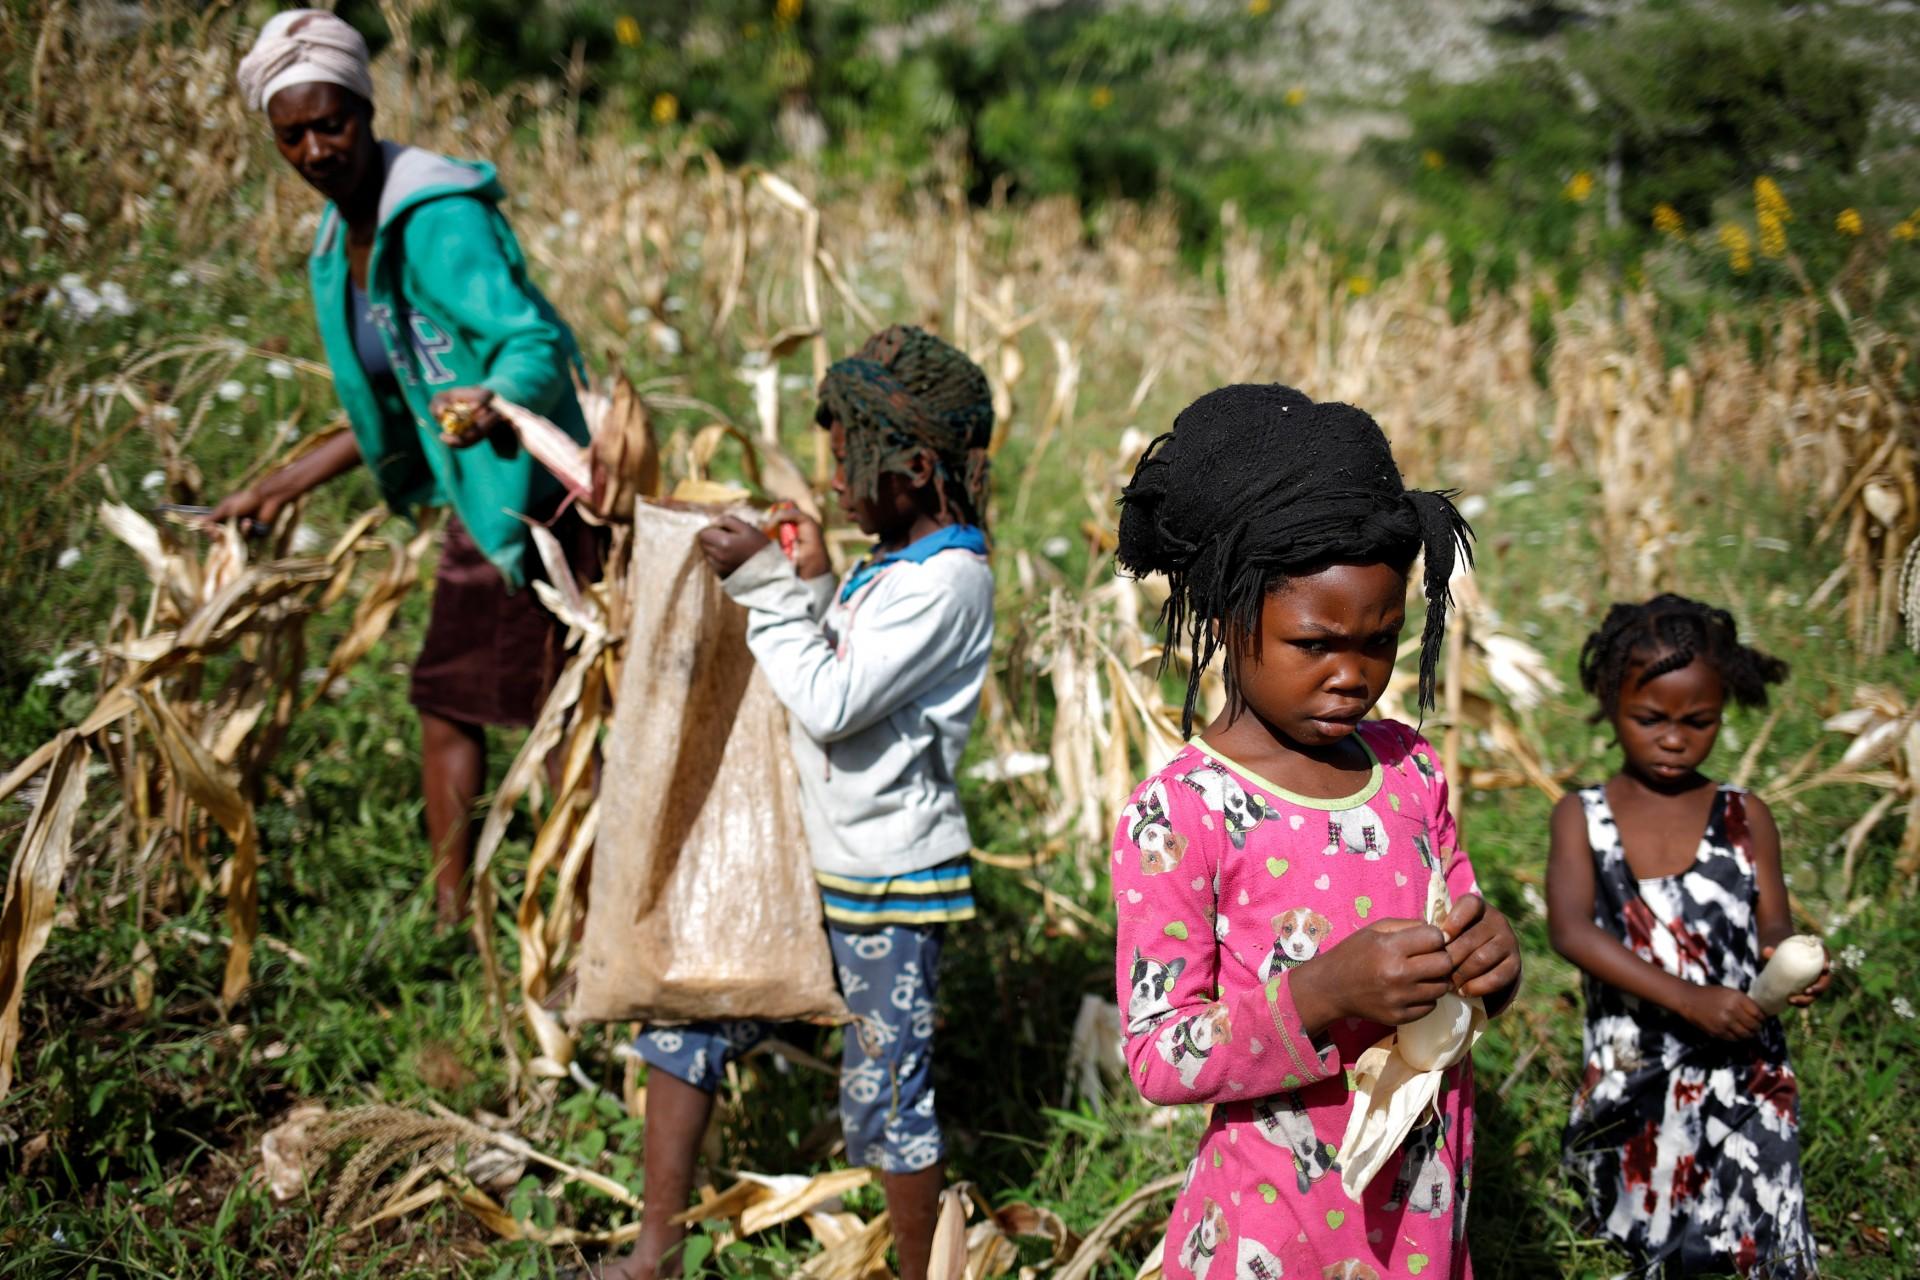 Niñas y una mujer cosechan maíz en un campo en Boucan Ferdinand, Haití, 2 de octubre de 2018.